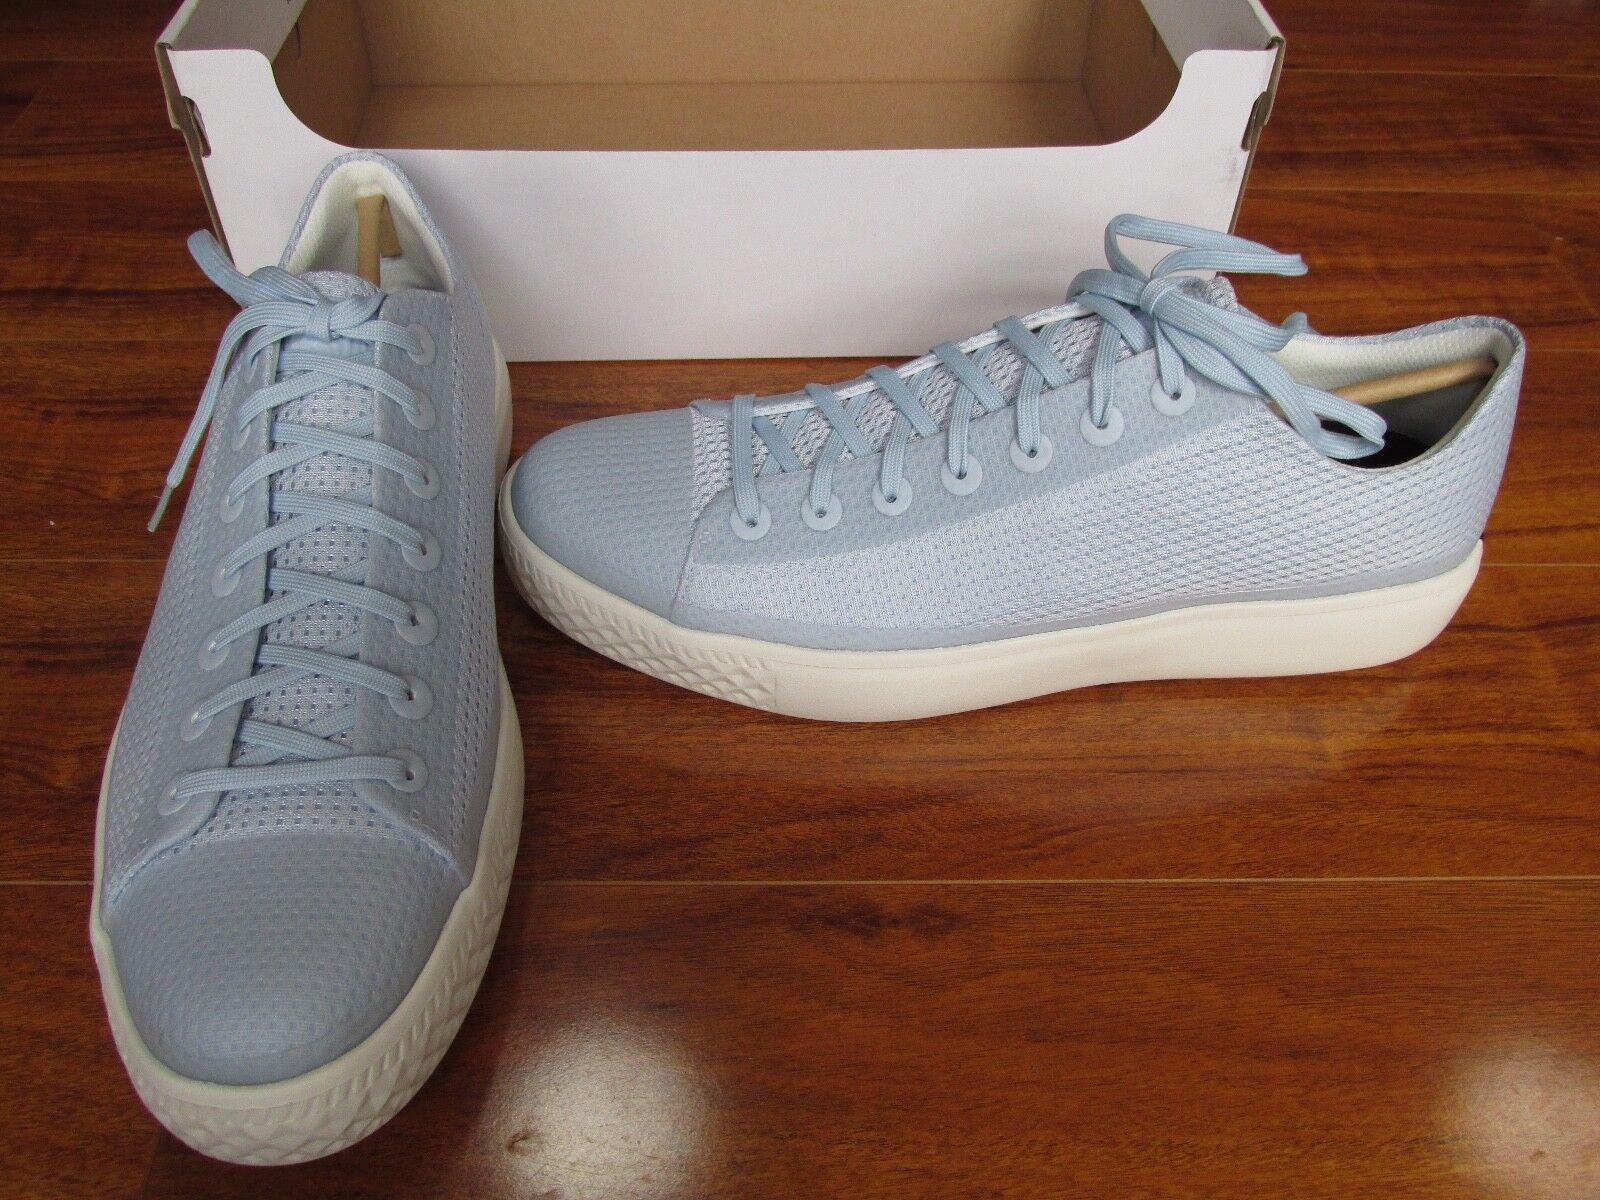 Scarpe casual da uomo NEW Converse Chuck Taylor AS Modern OX Shoes uomoS 12 Porpoise Blue 156650C 0.